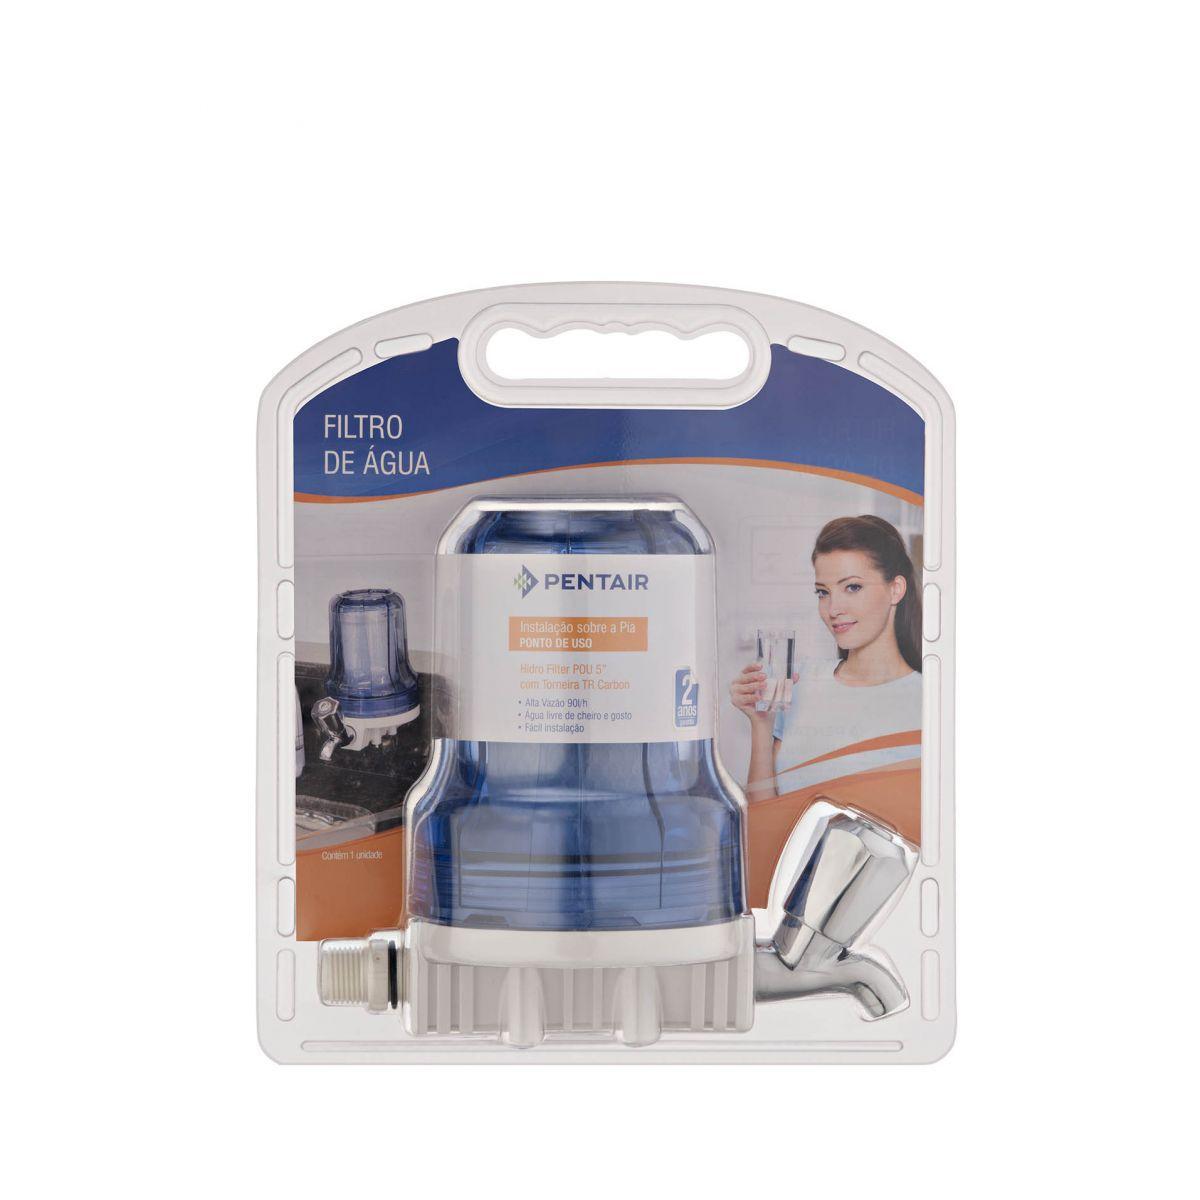 """Filtro Torneira Pentair Hidro Filter POU 5"""" - azul cristal  - Pensou Filtros"""